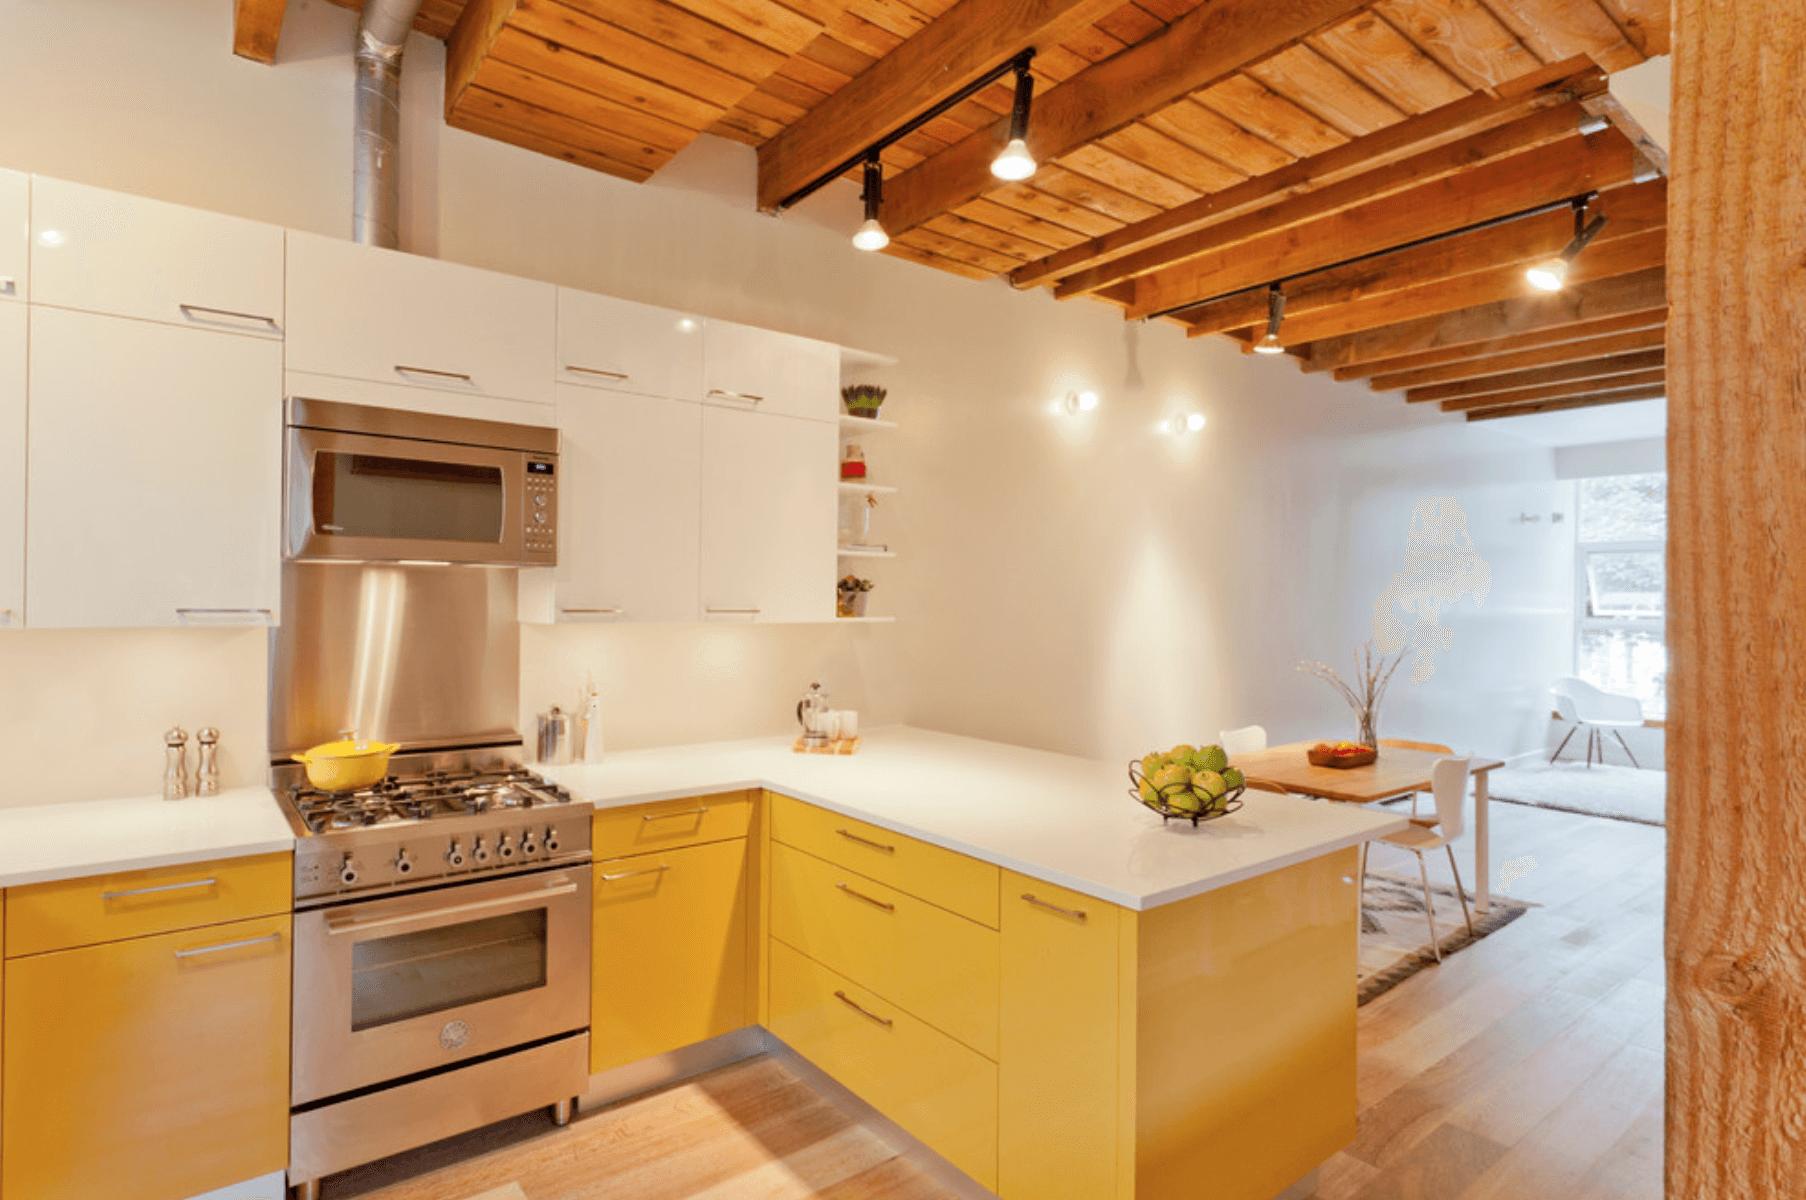 Warna kuning untuk dapur yang ceria (Sumber: freshome.com)